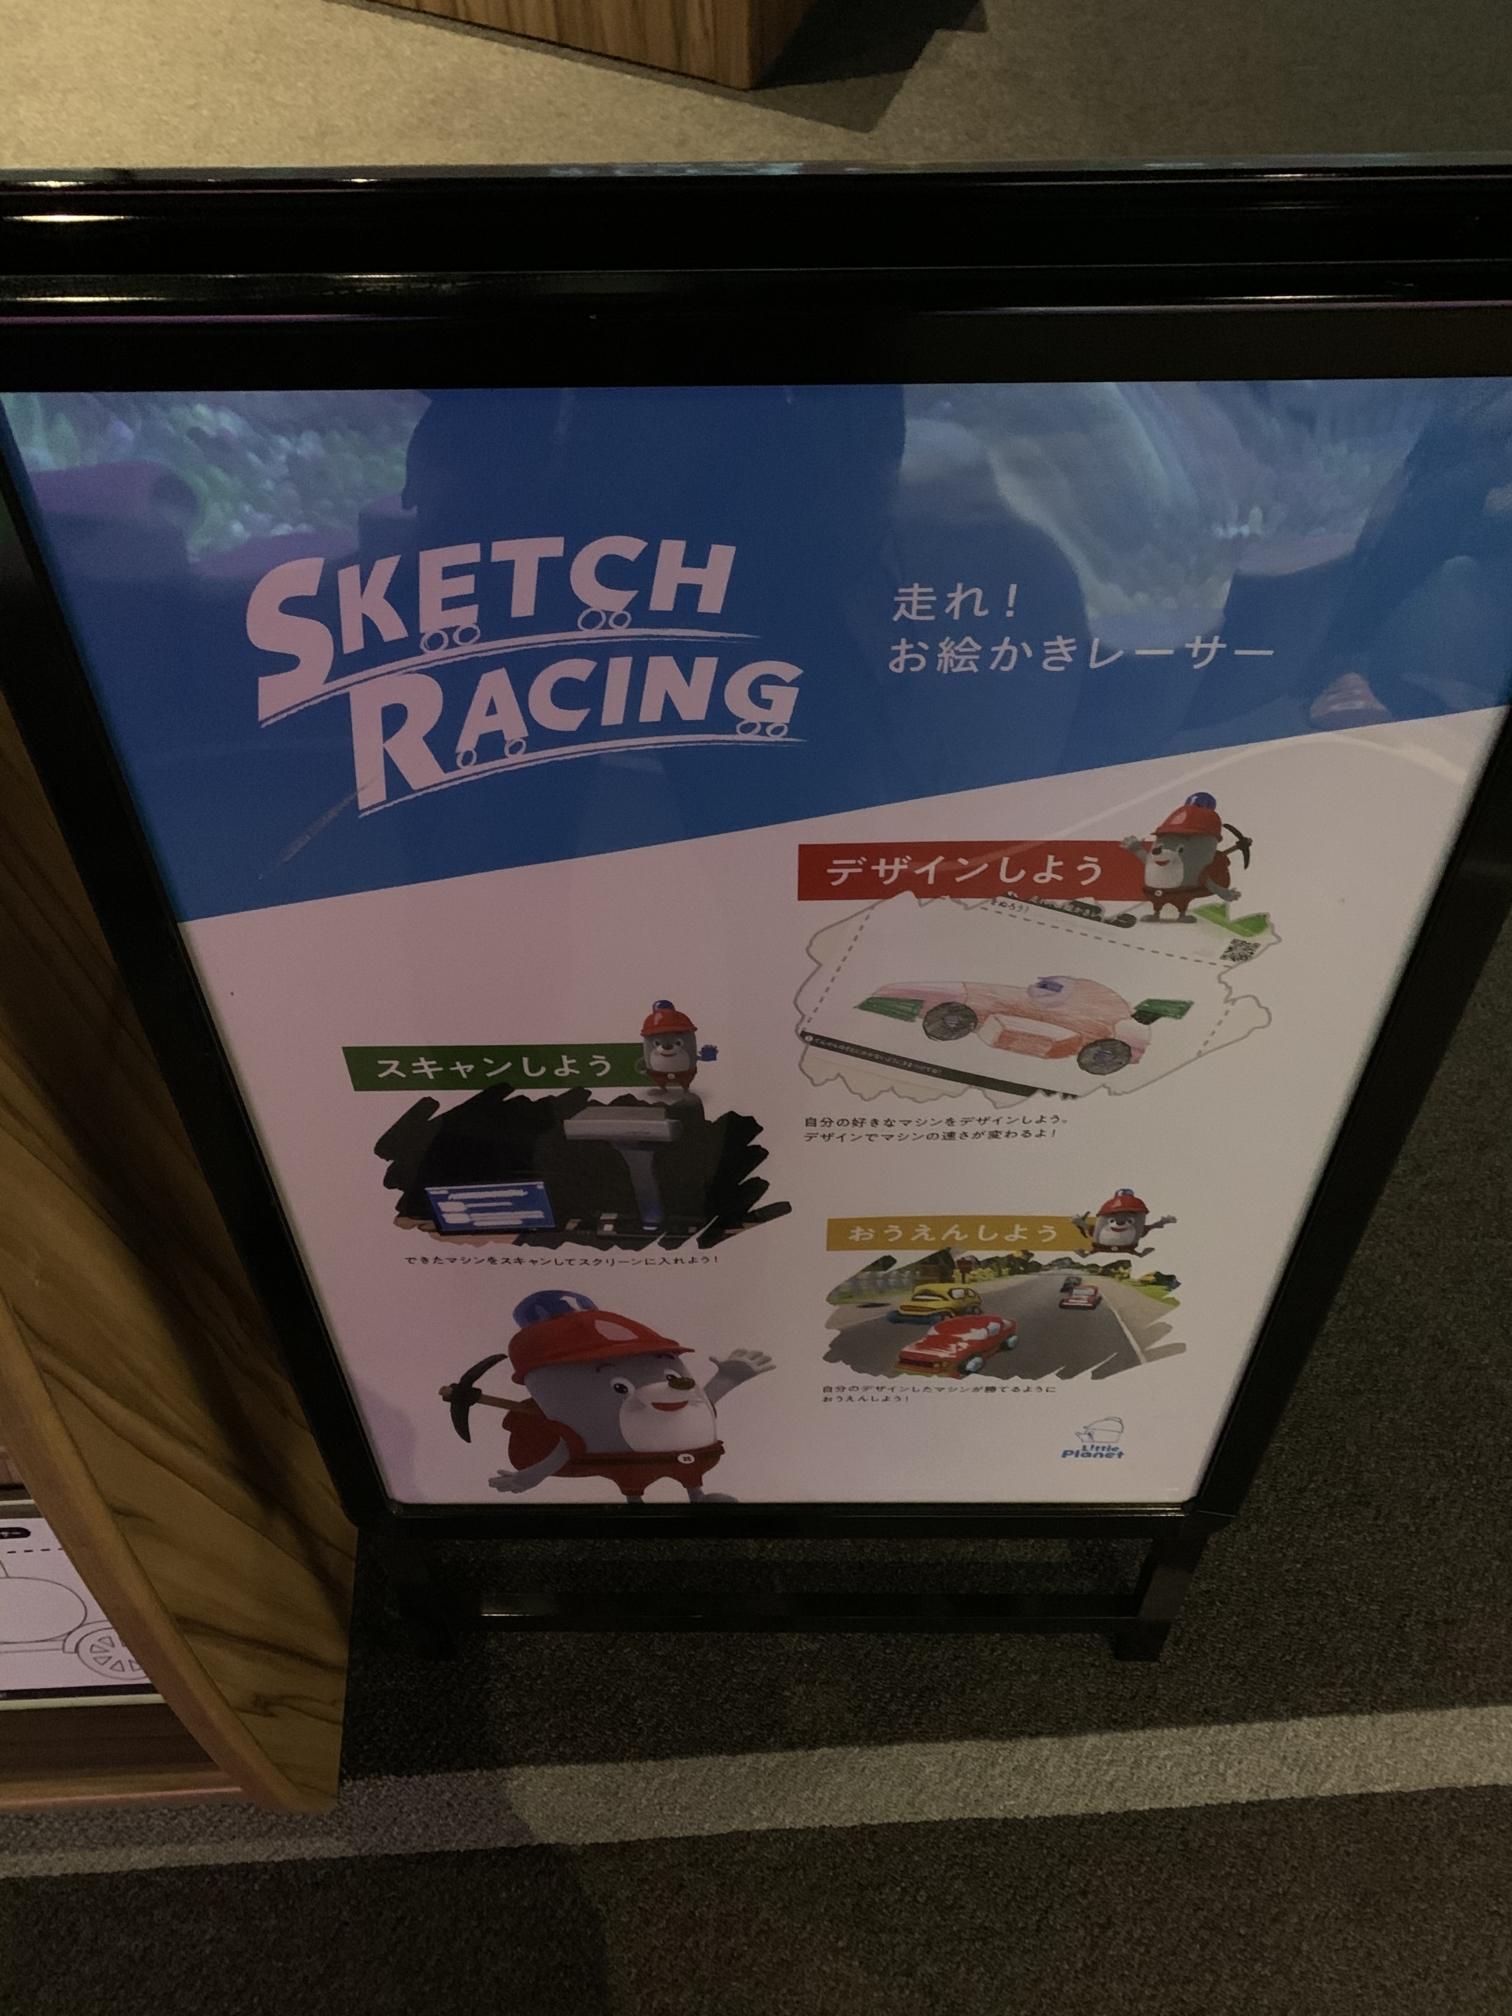 【ららぽーと横浜】リトルプラネットの【SKETCH RACING】でお絵かき3Dレーシング